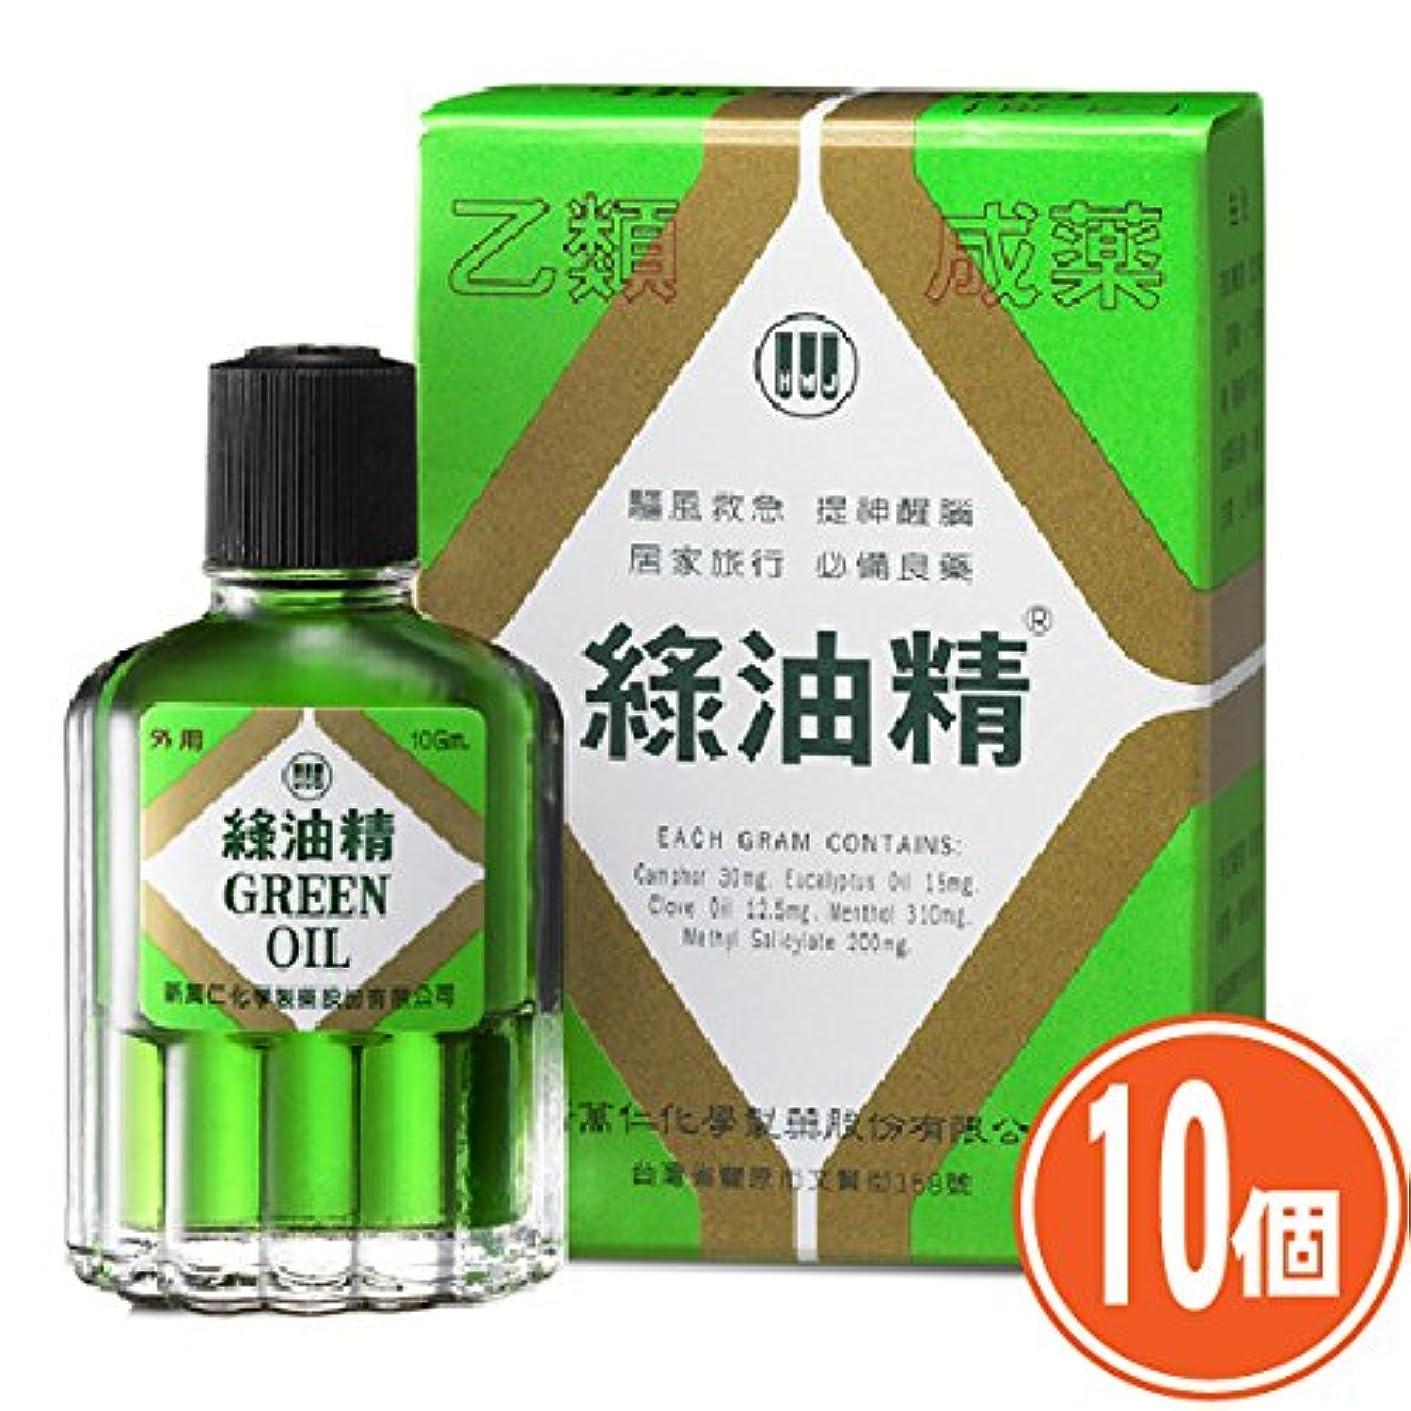 伴うハムつかの間《新萬仁》台湾の万能グリーンオイル 緑油精 5g ×10個 《台湾 お土産》(▼400円値引) [並行輸入品]